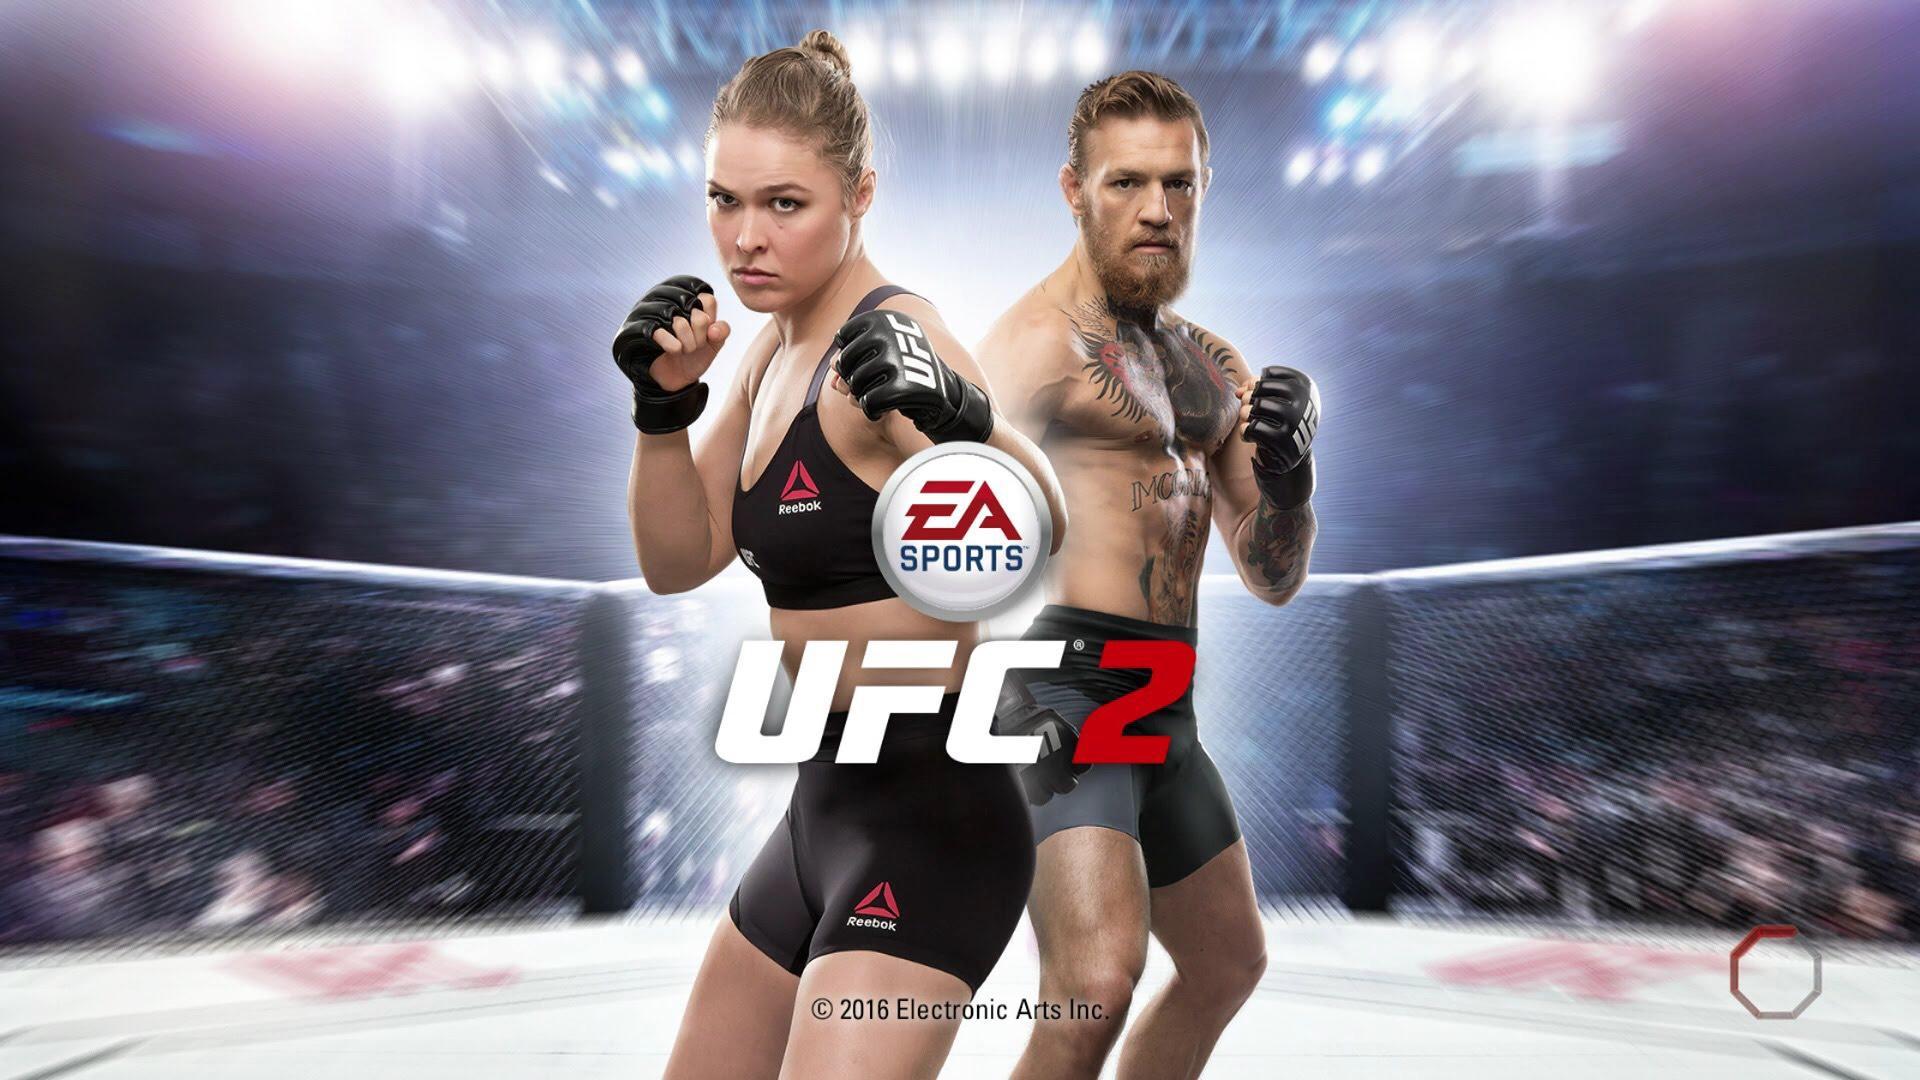 5h du jeu UFC 2 gratuites du 6 au 11 juillet sur PS4 et Xbox One